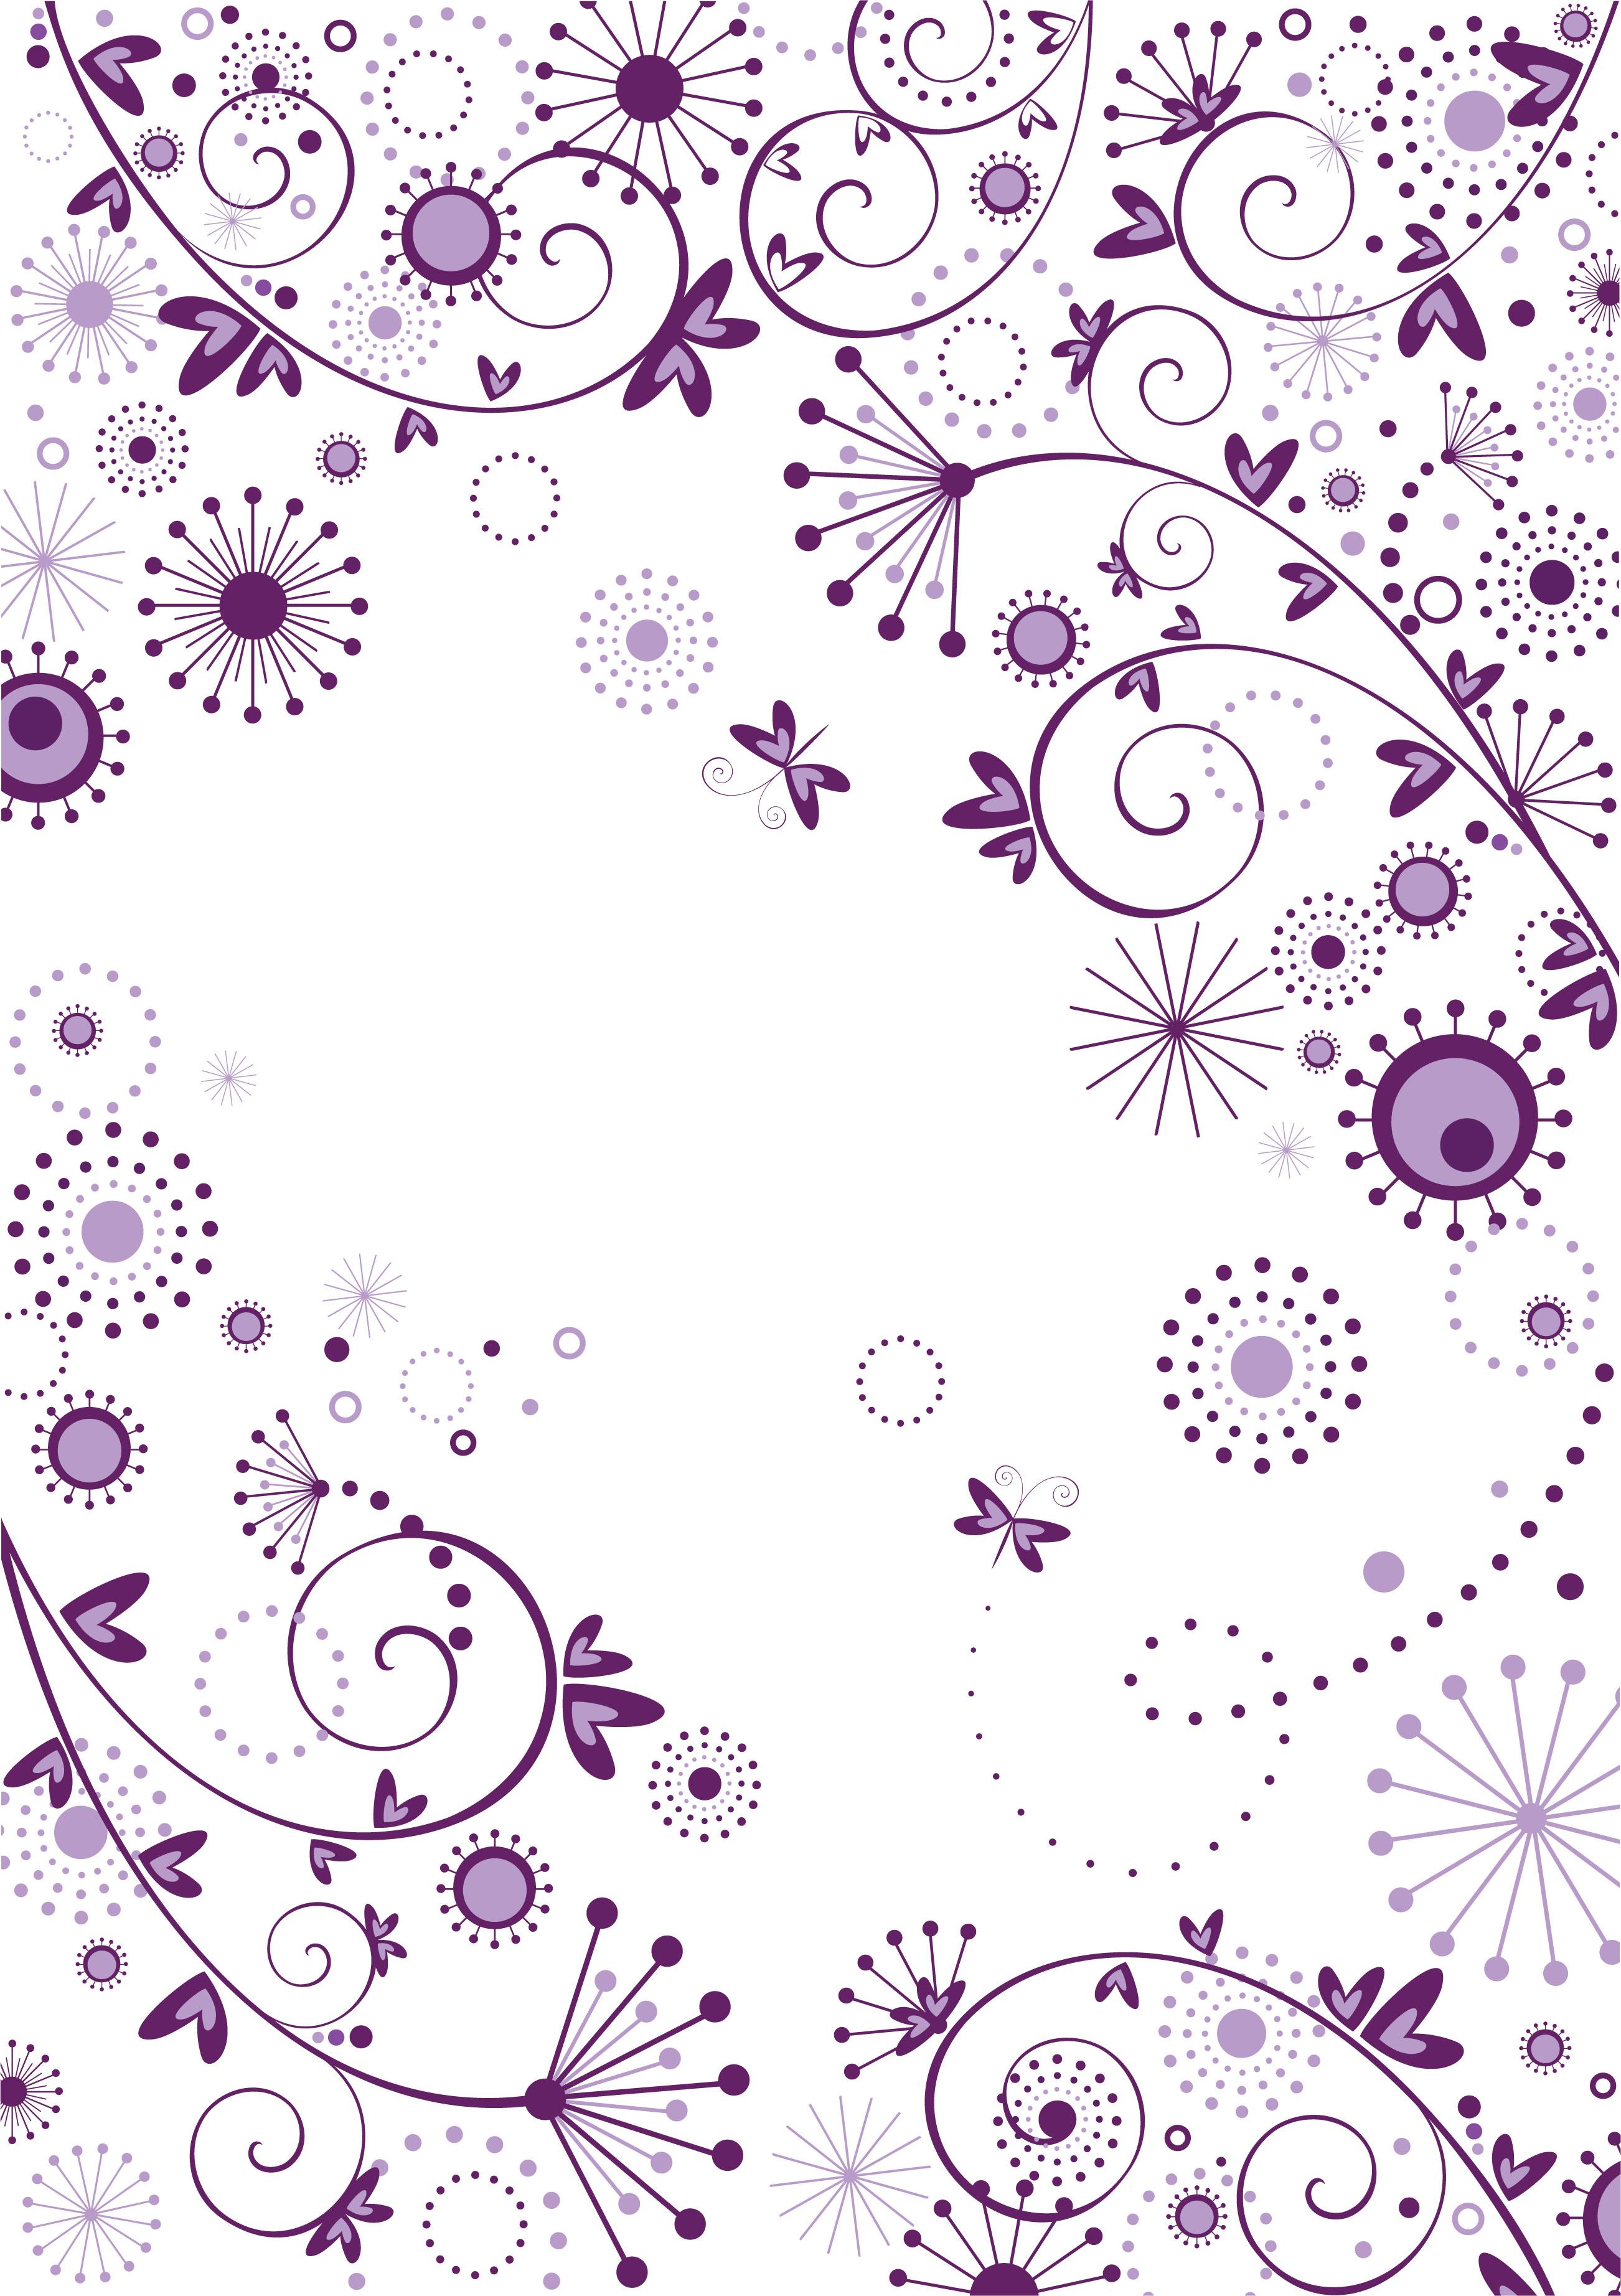 花のイラスト フリー素材 壁紙 背景no 843 群青色 ハート ドット